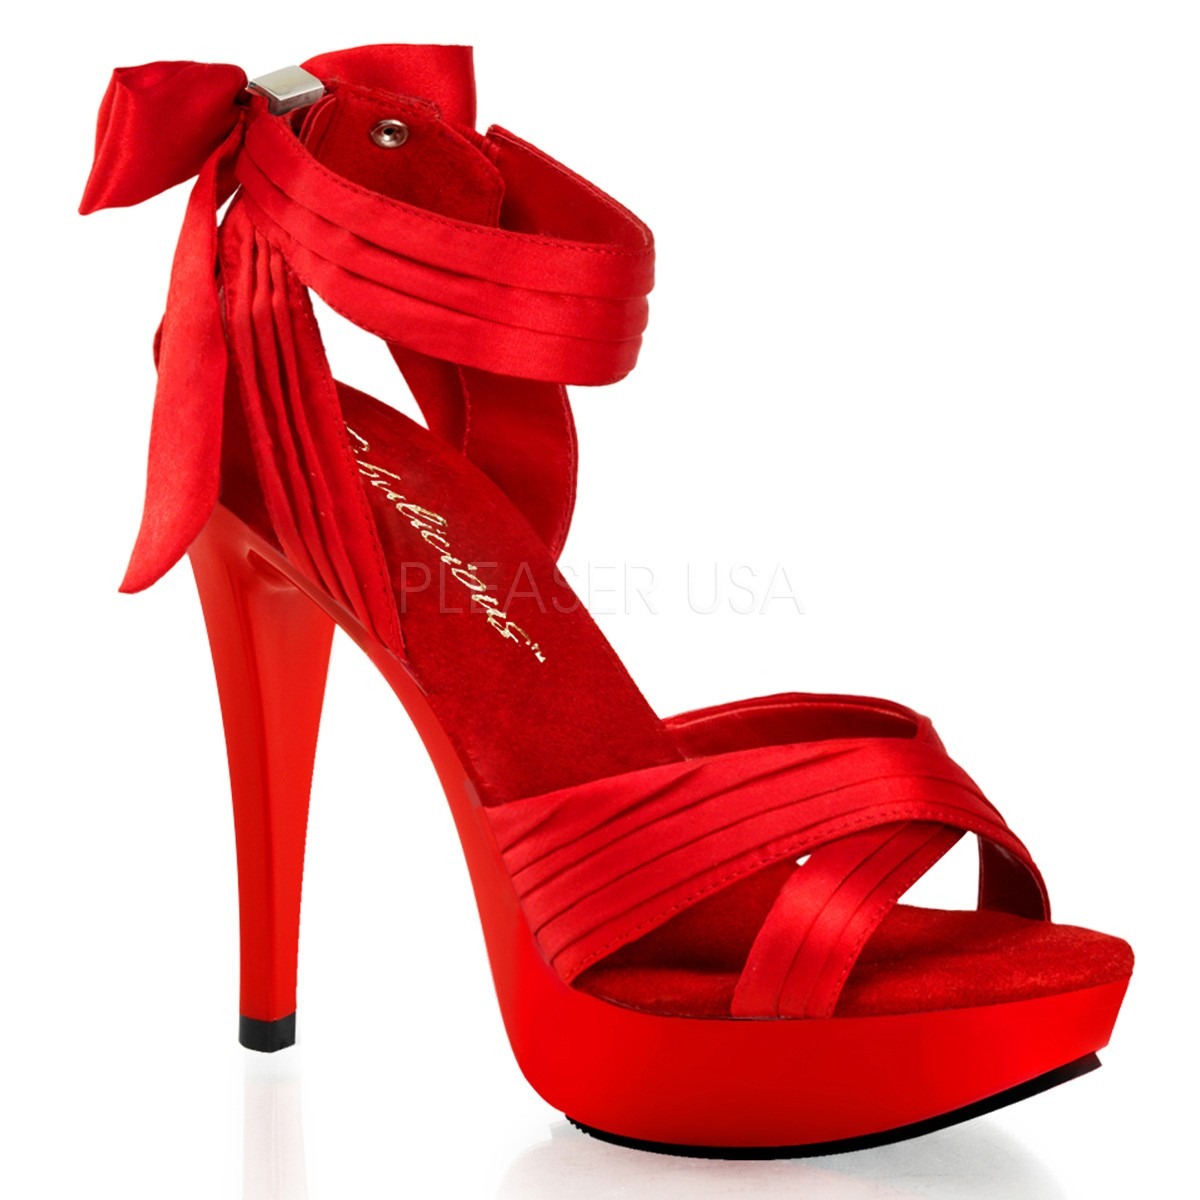 chercher belles chaussures Prix 50% Sandales Talons Hauts Fabulicious COCKTAIL-568 Rouge Satin ...